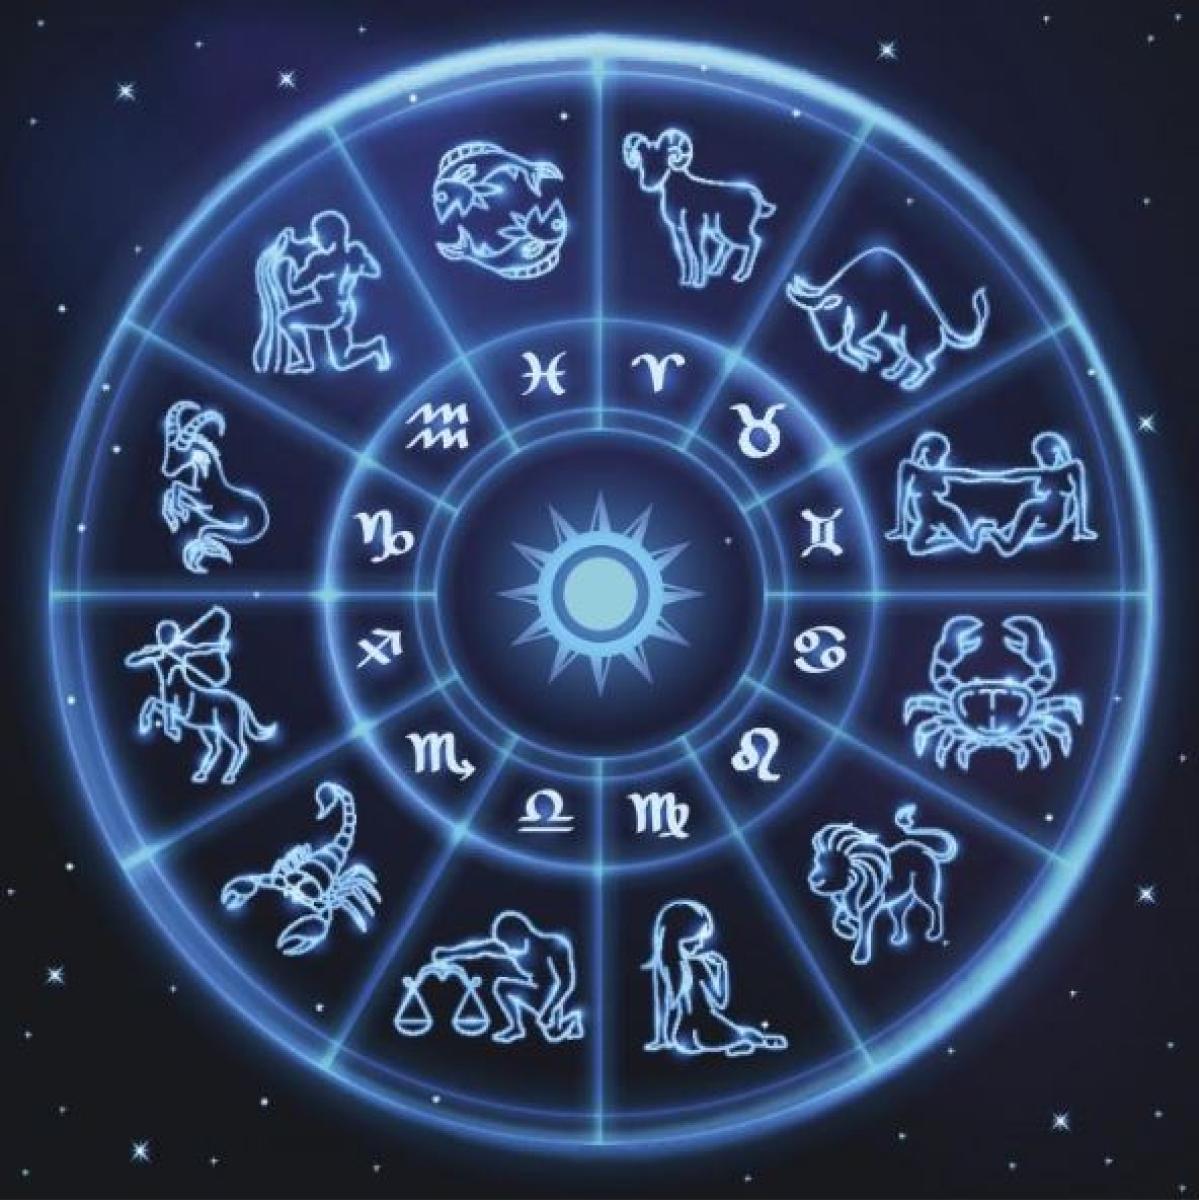 Horoscope Today,10 April 2020 Rashifal:  किन 6 राशियों के जातक को है सर्तक रहने की जरुरत,जानें अपना राशिफल